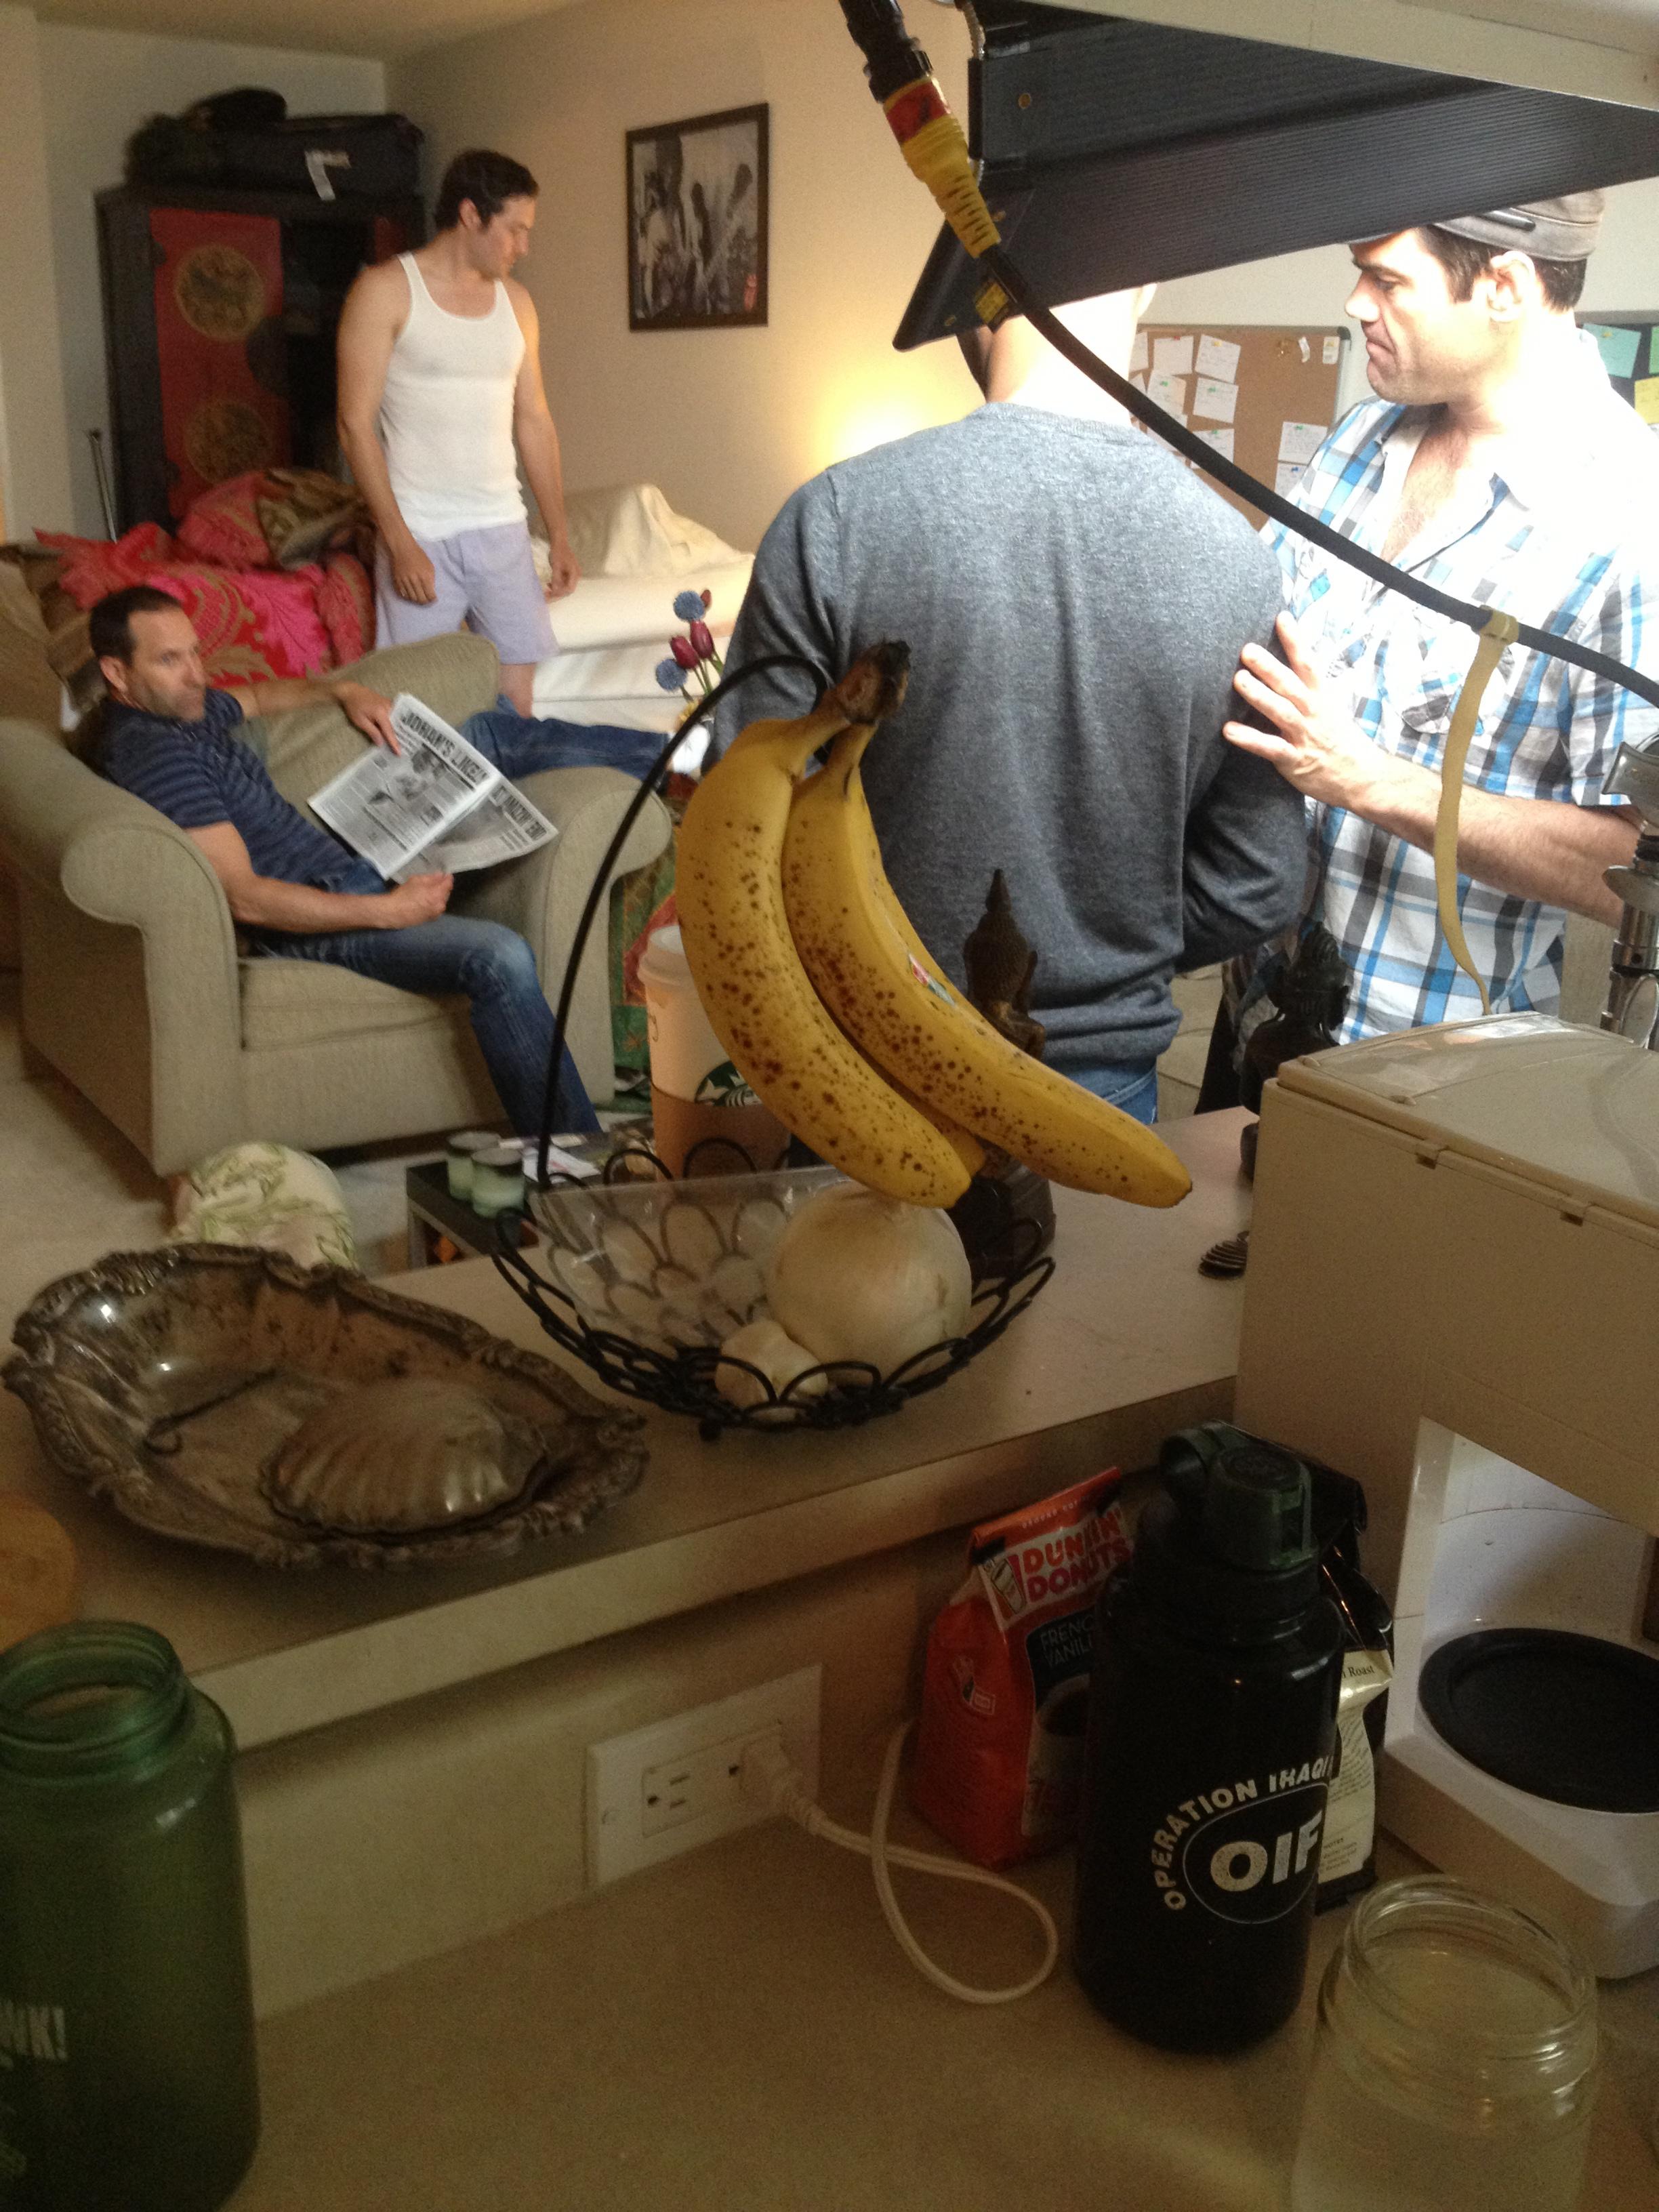 Bananas and Bruno